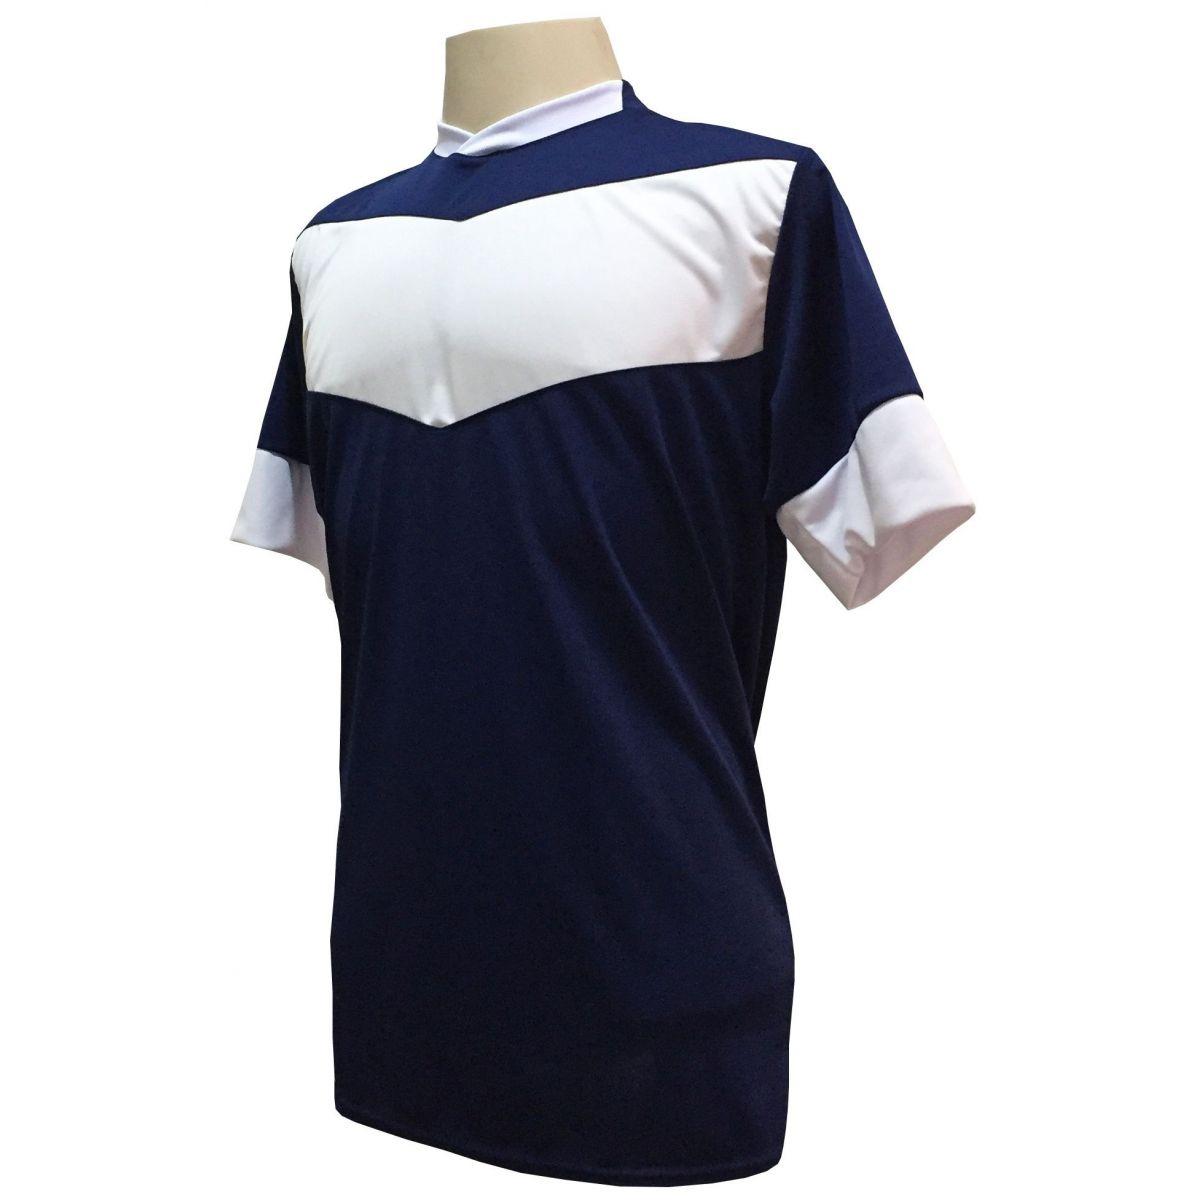 Fardamento Completo modelo Columbus 18+2 (18 Camisas Marinho/Branco + 18 Calções Madrid Branco + 18 Pares de Meiões Marinho + 2 Conjuntos de Goleiro) + Brindes